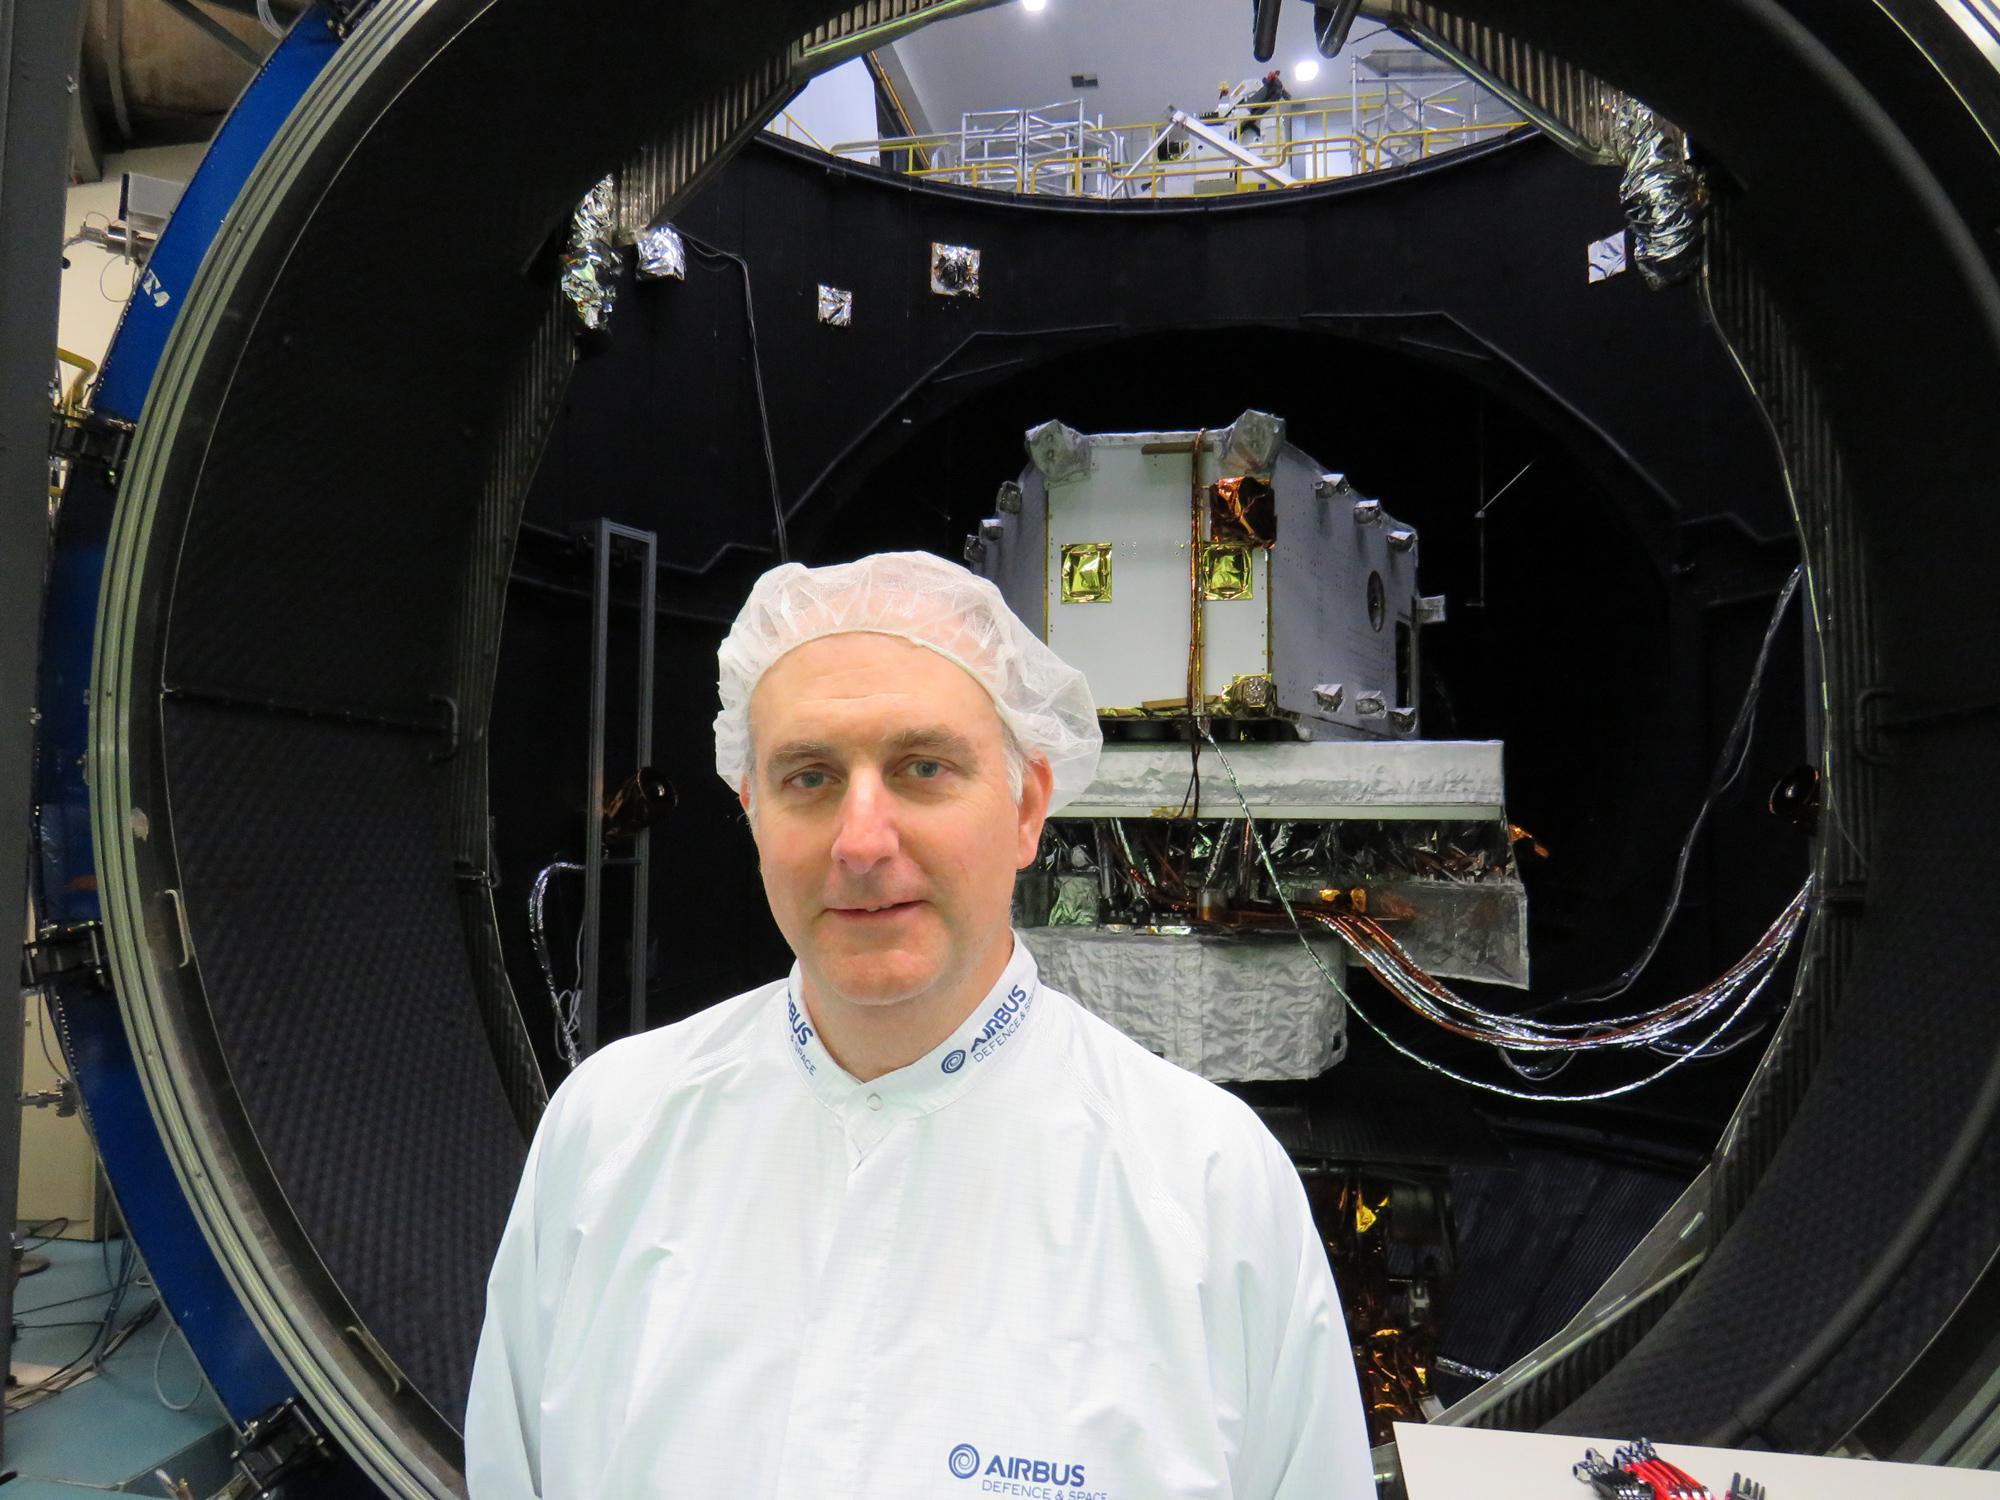 space engineer Sean Tuttle